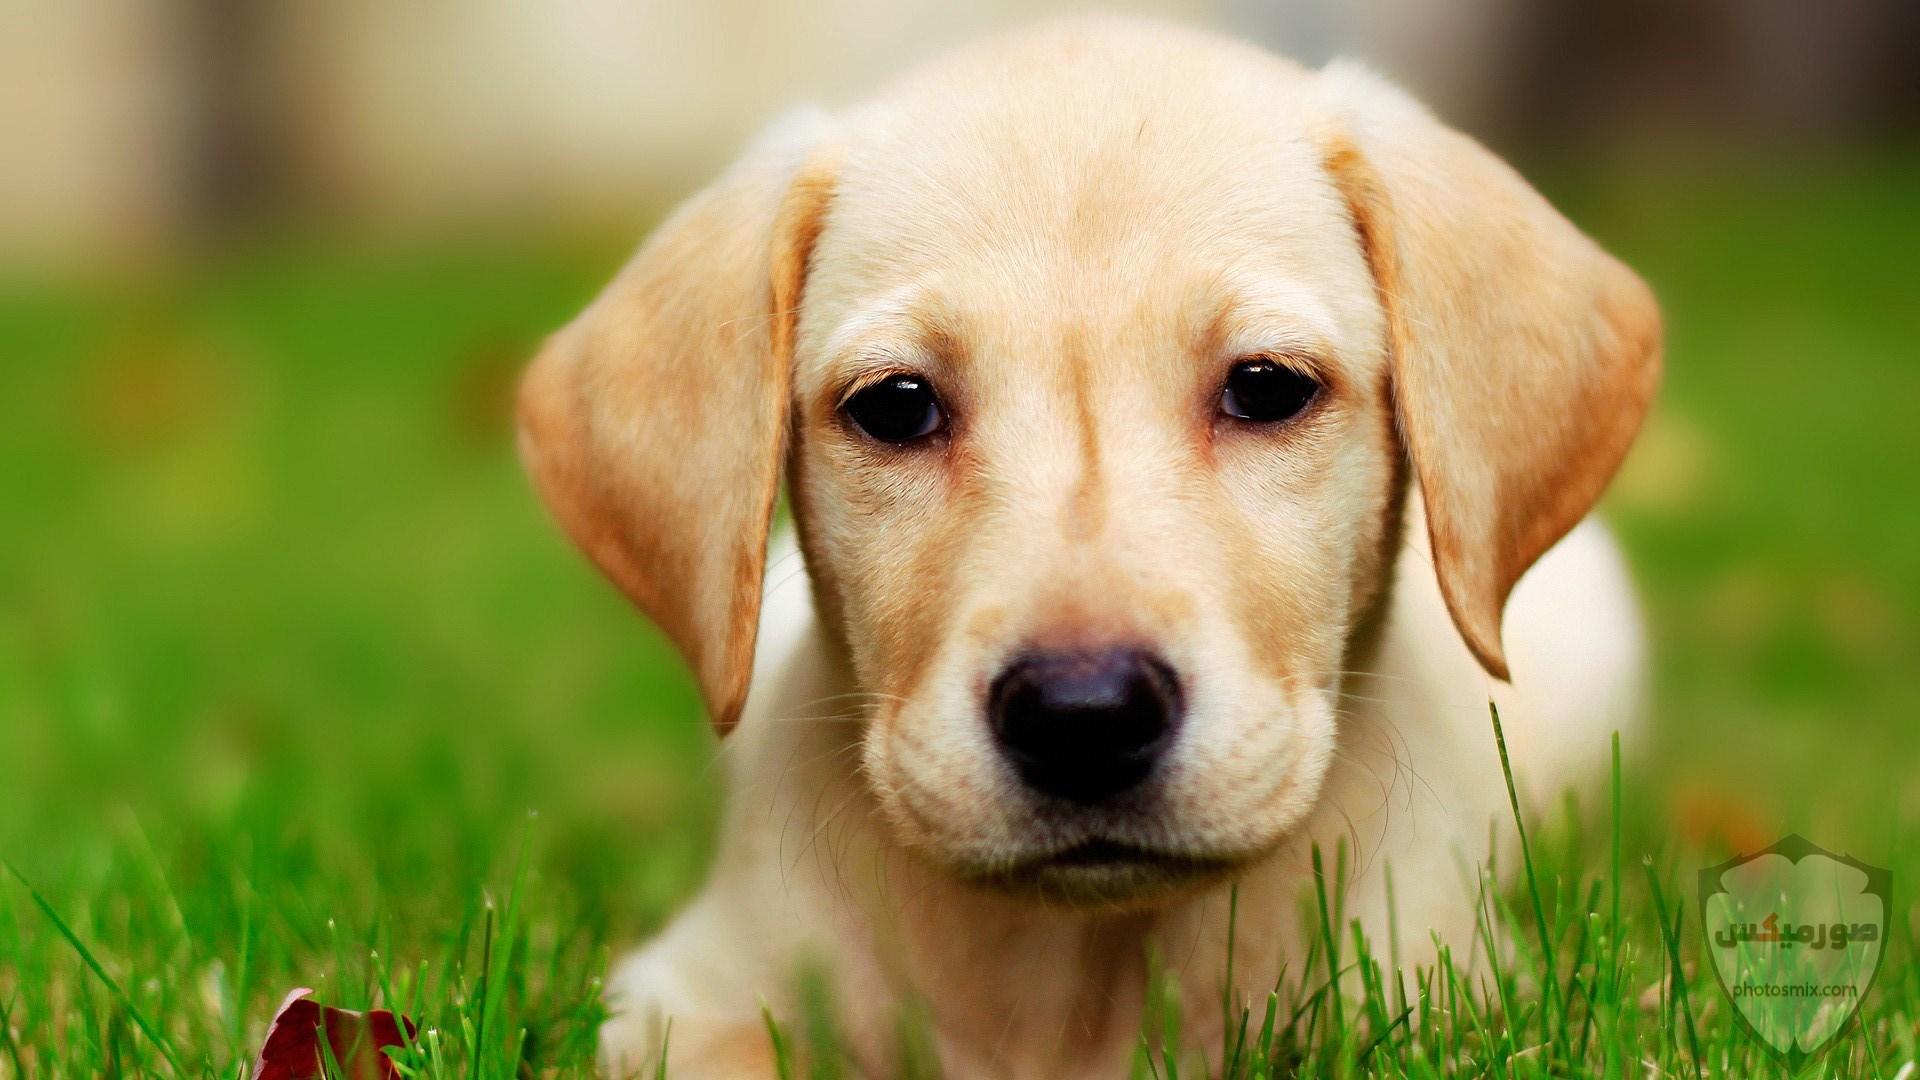 صور رمزيات حيوانات قطط كلاب ارانب كيوت خلفيات حيوانات جميلة للفيس بوك 18